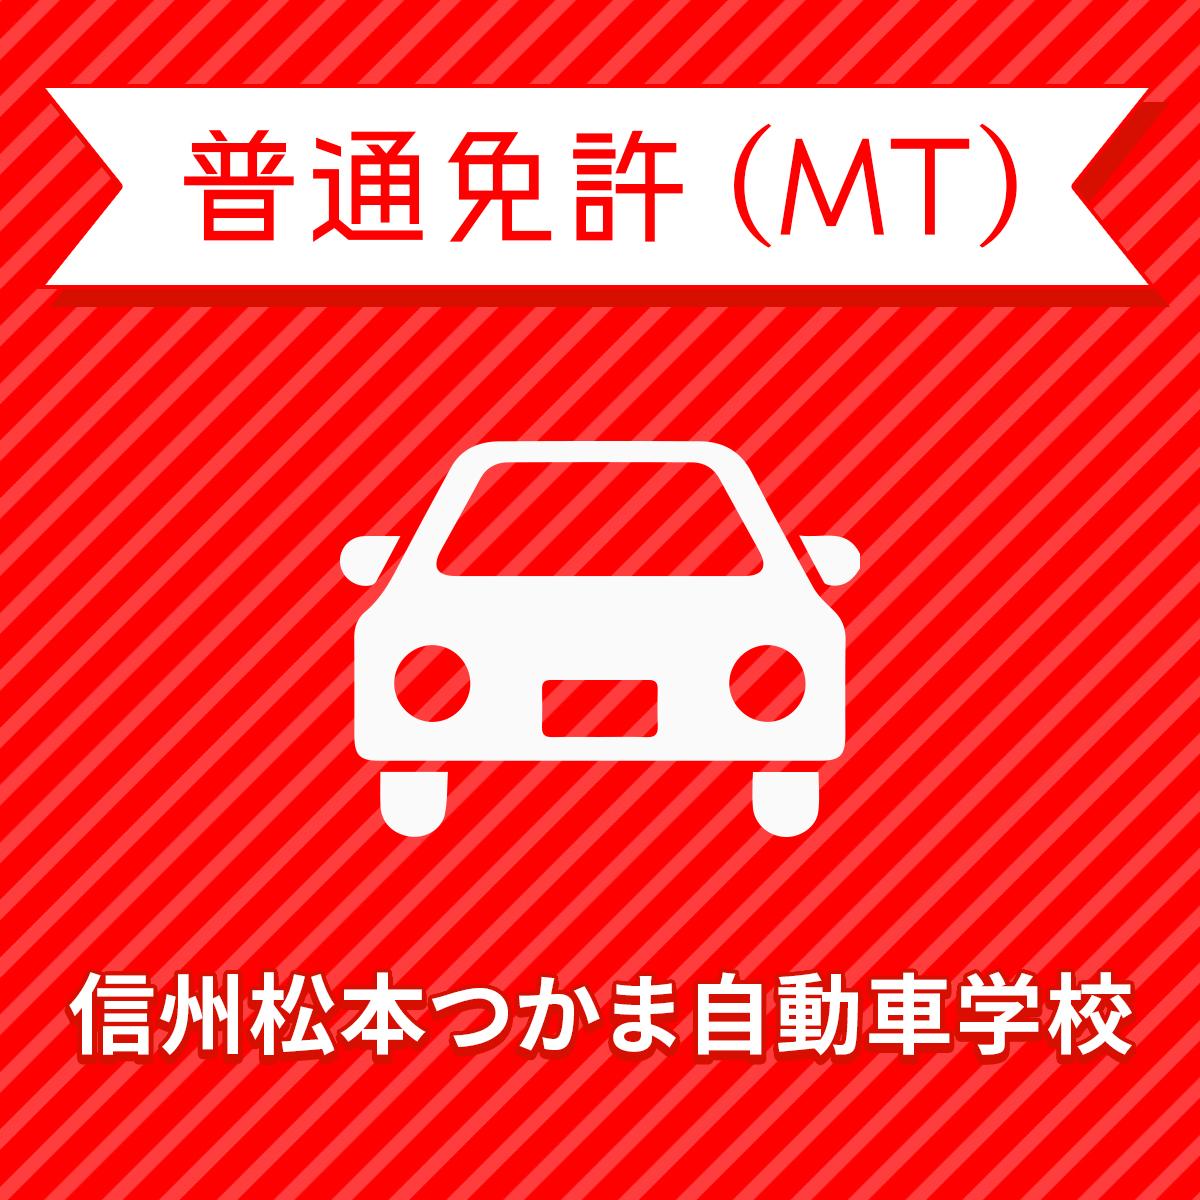 【長野県松本市】普通車MTコース